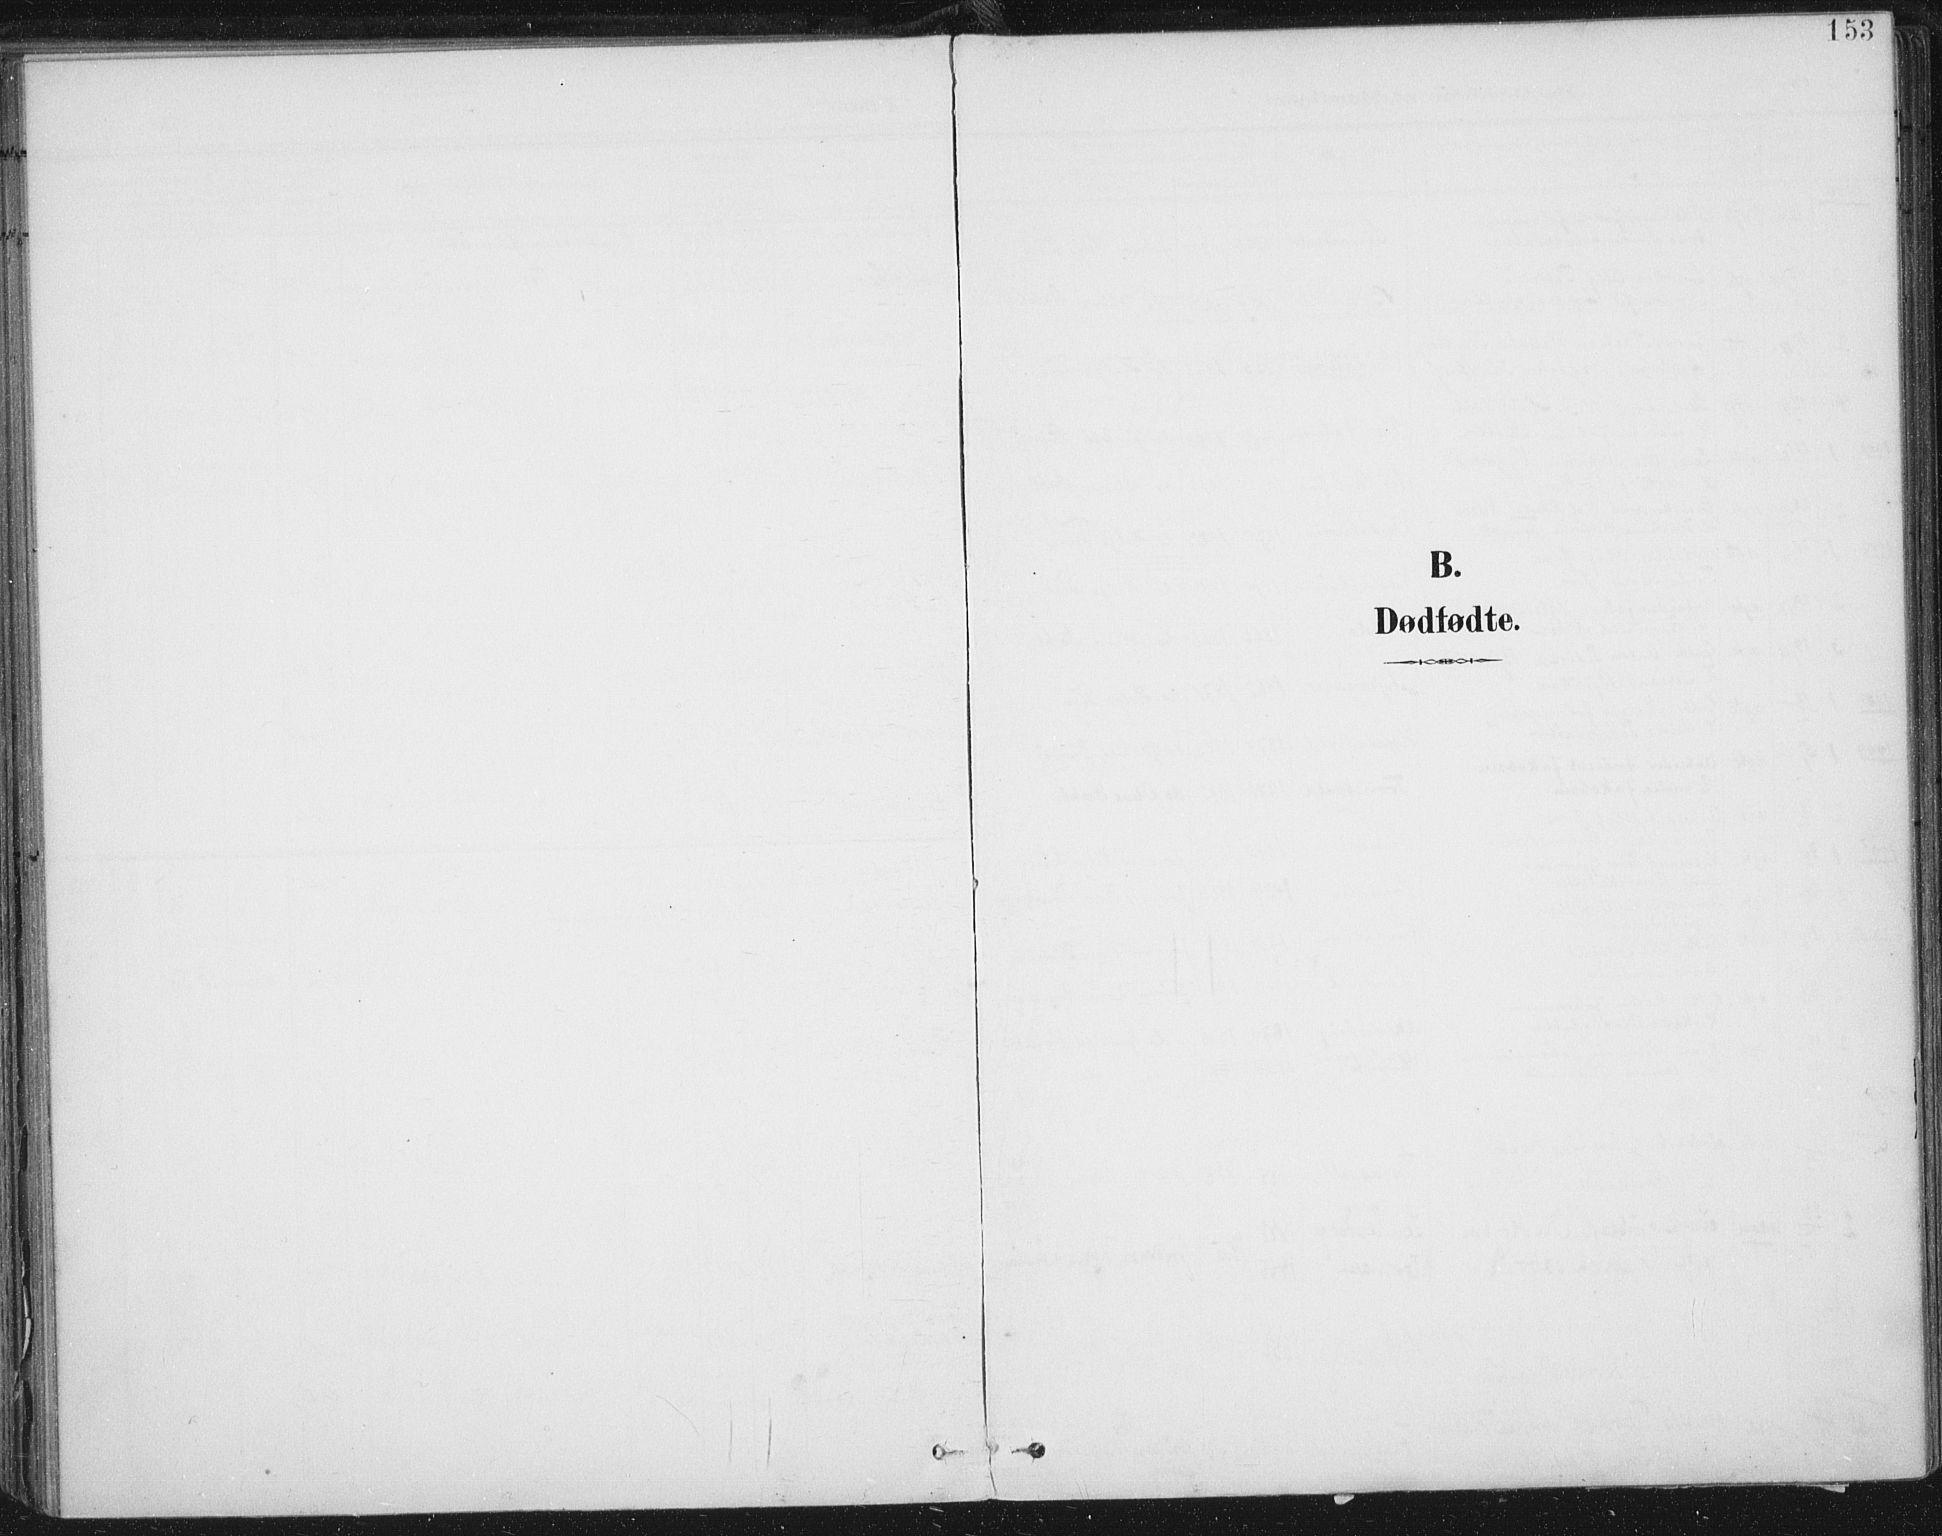 SAT, Ministerialprotokoller, klokkerbøker og fødselsregistre - Nord-Trøndelag, 723/L0246: Ministerialbok nr. 723A15, 1900-1917, s. 153